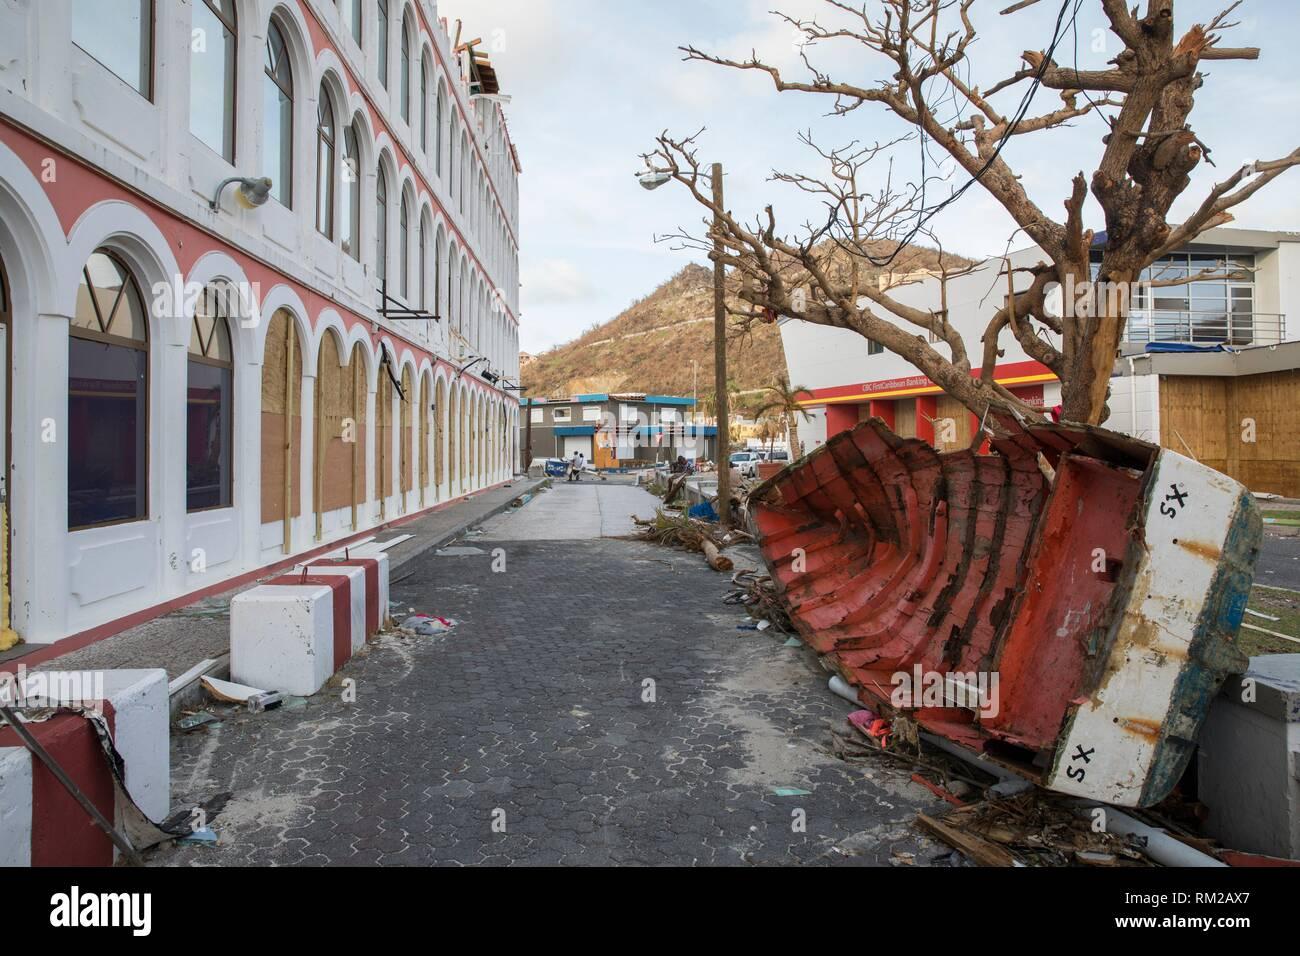 SAINT MARTIN - Die niederländischen Teil von St. Martin (Sint-Maarten) ein paar Tage nach dem Hurrikan Irma. Stockbild